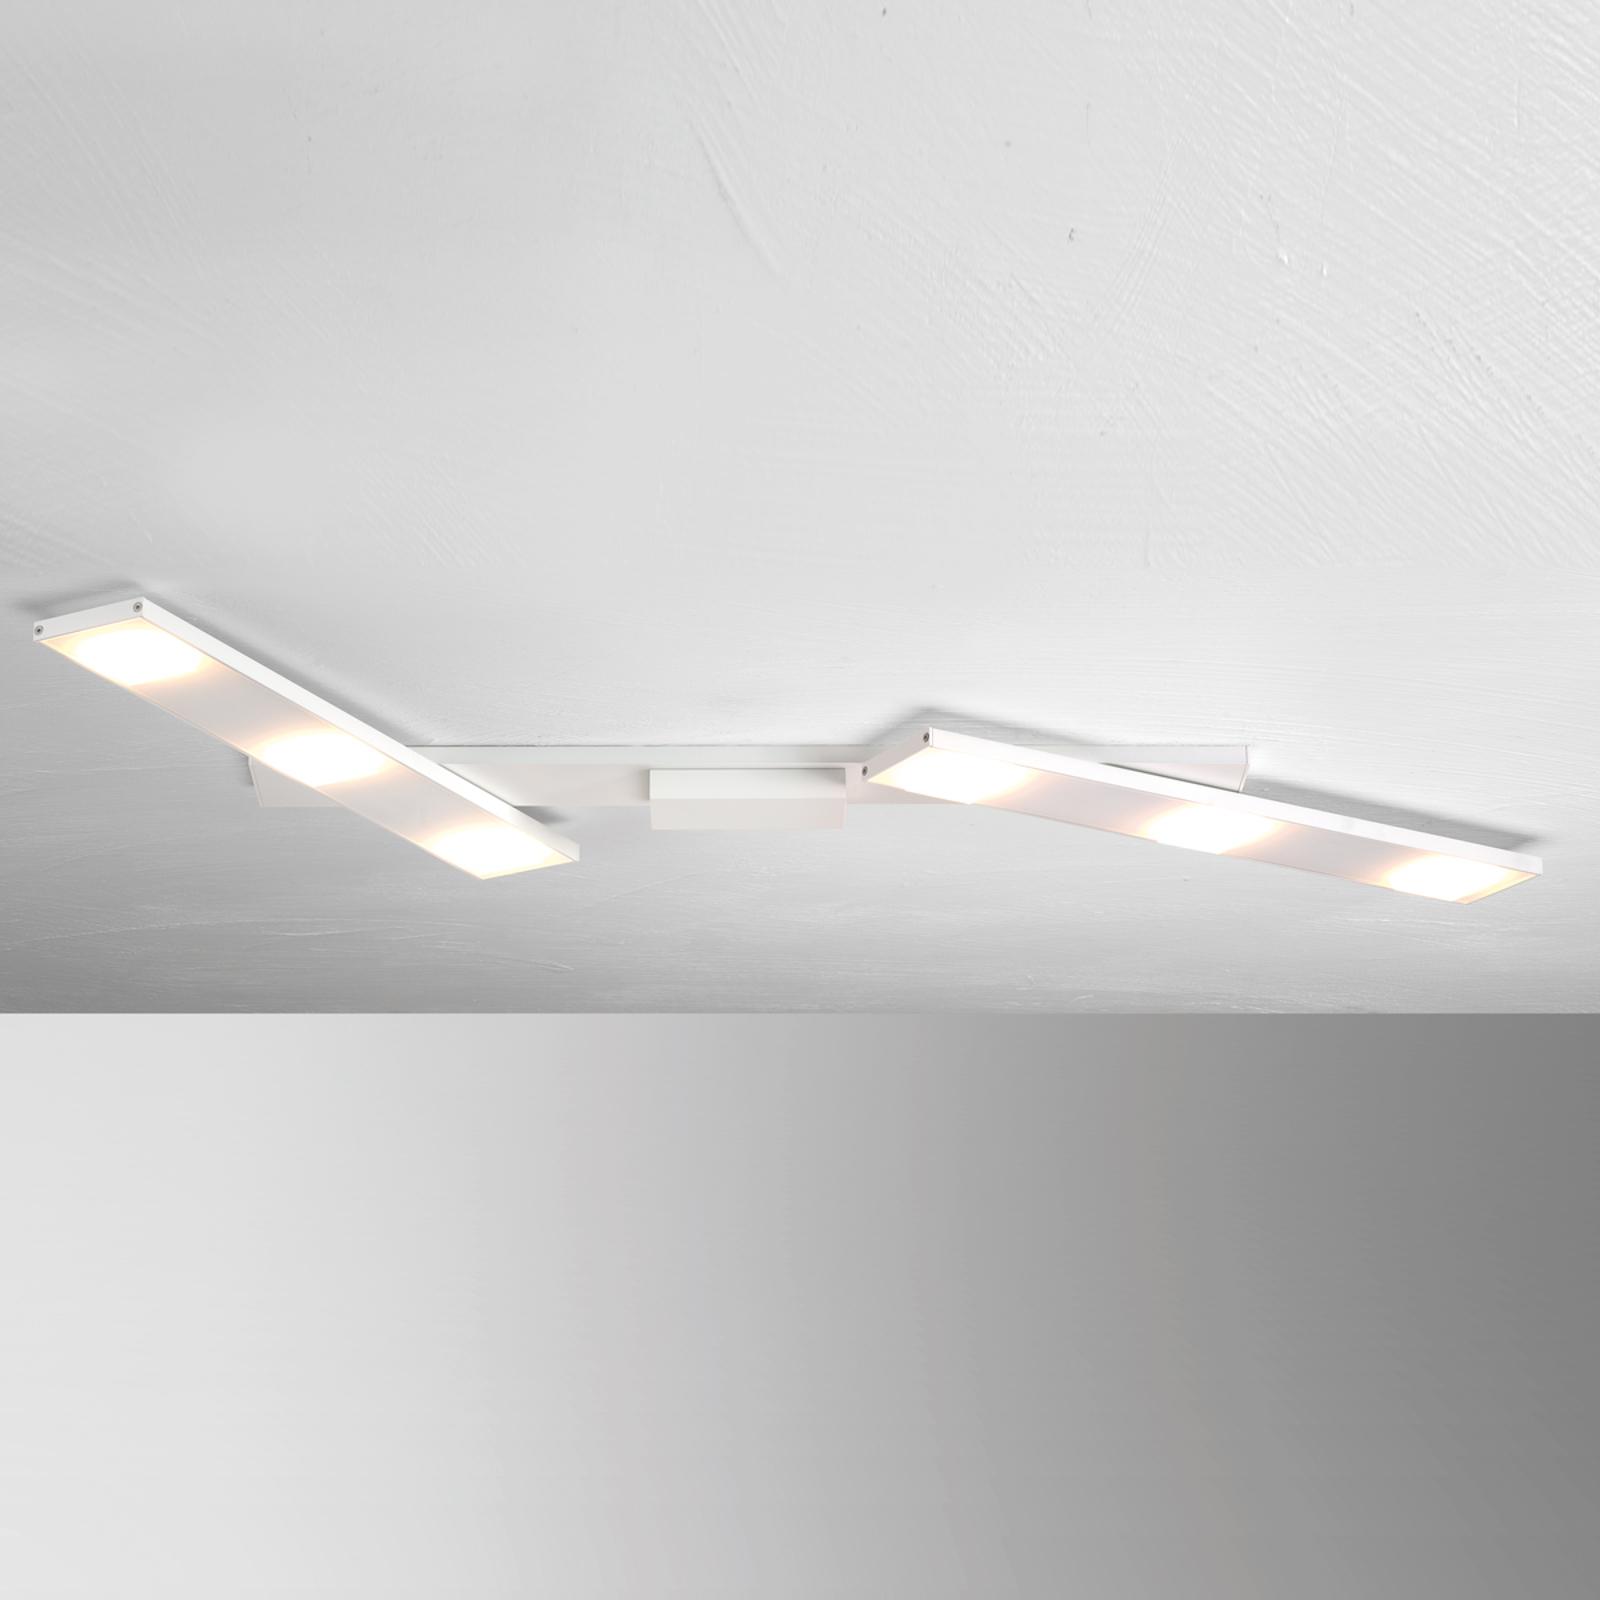 Bopp Slight schwenkbare LED-Deckenlampe weiß